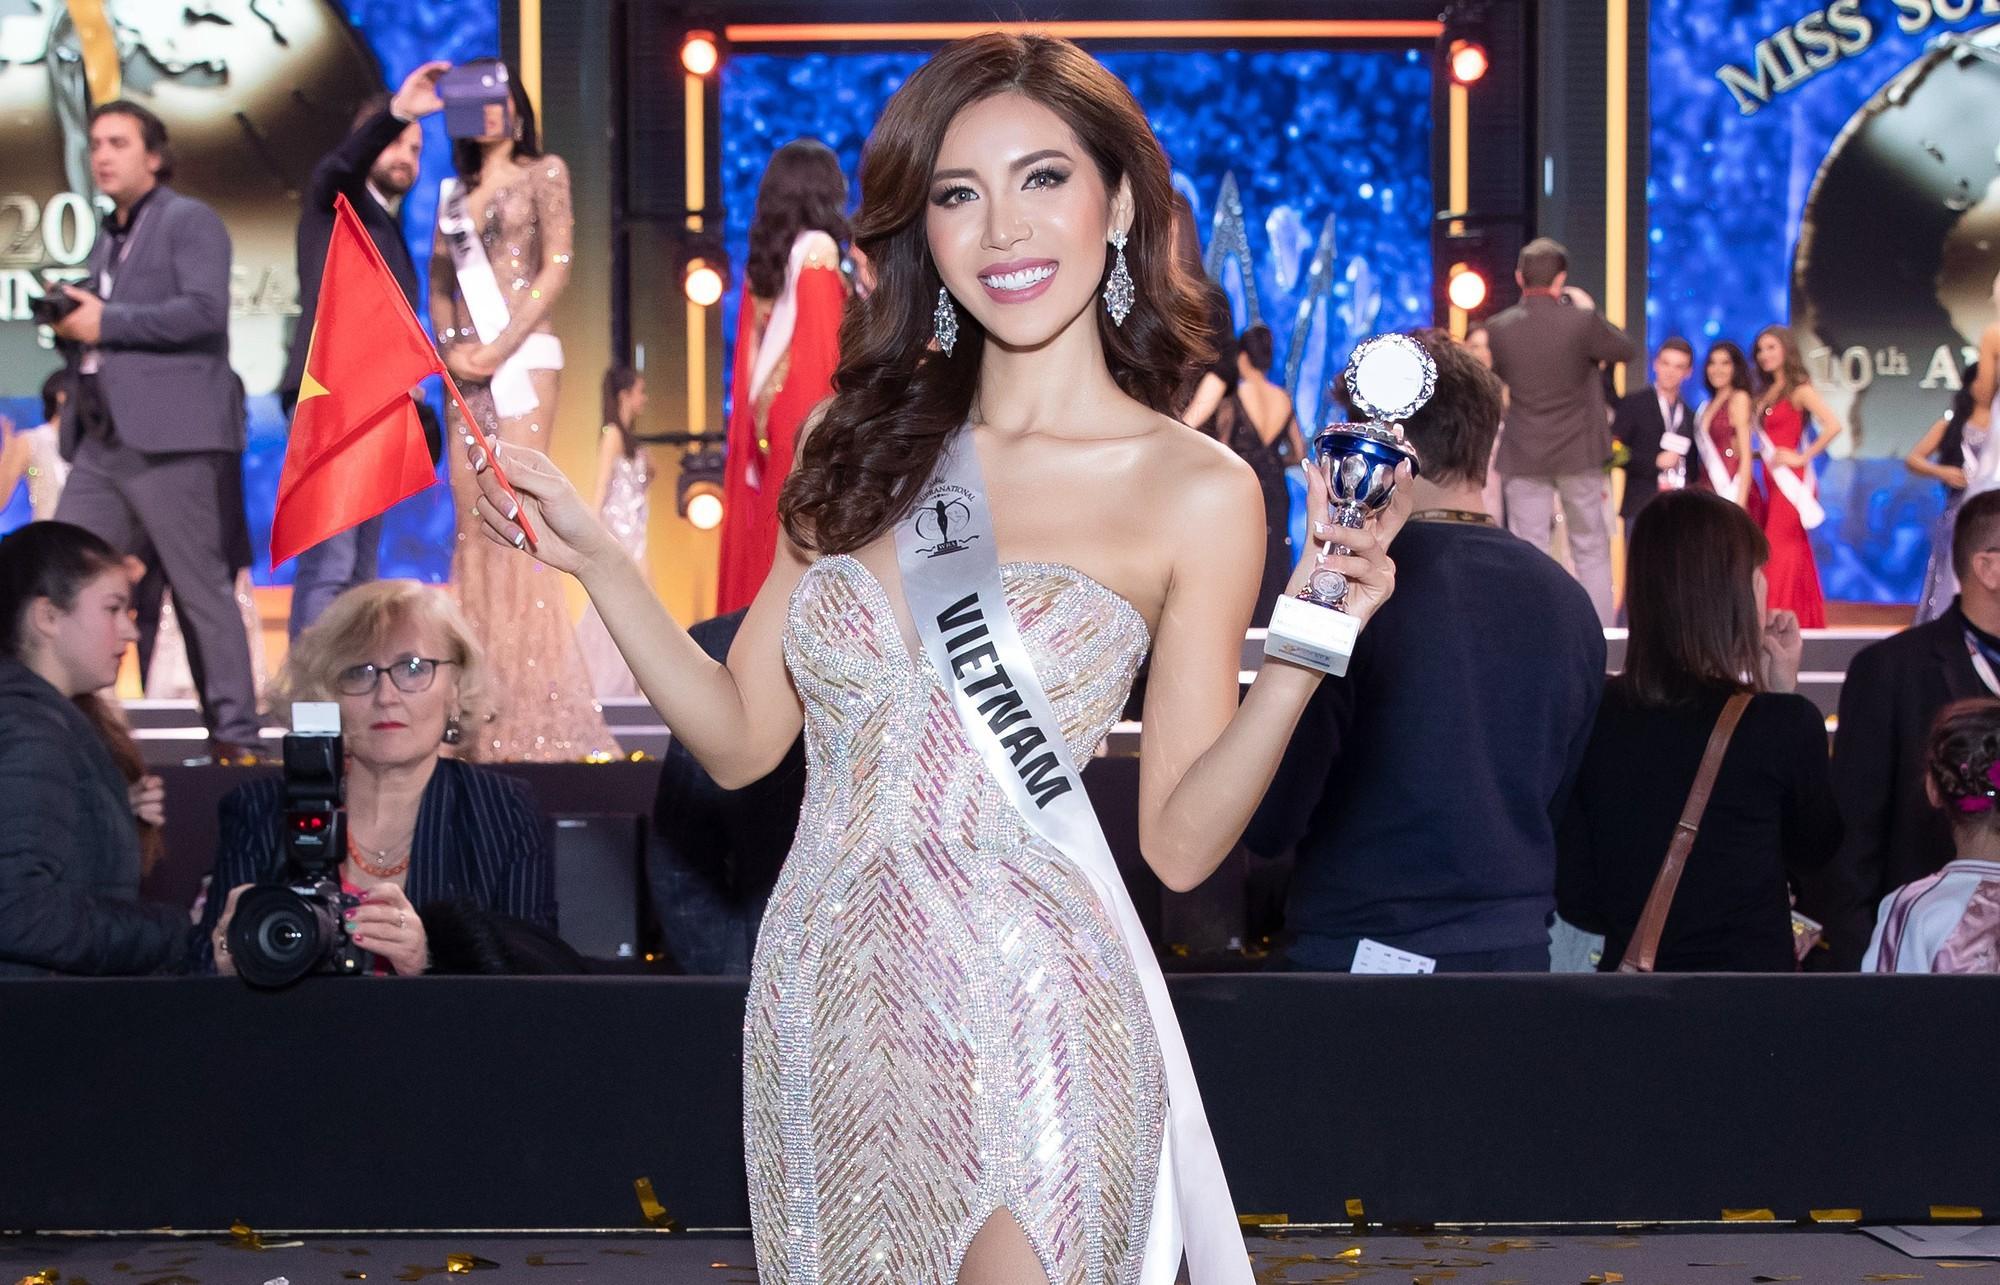 Việt Nam chính thức leo lên Top 5 cường quốc sắc đẹp 2018: Công lớn thuộc về Phương Khánh, HHen Niê và loạt Hoa hậu - Ảnh 4.